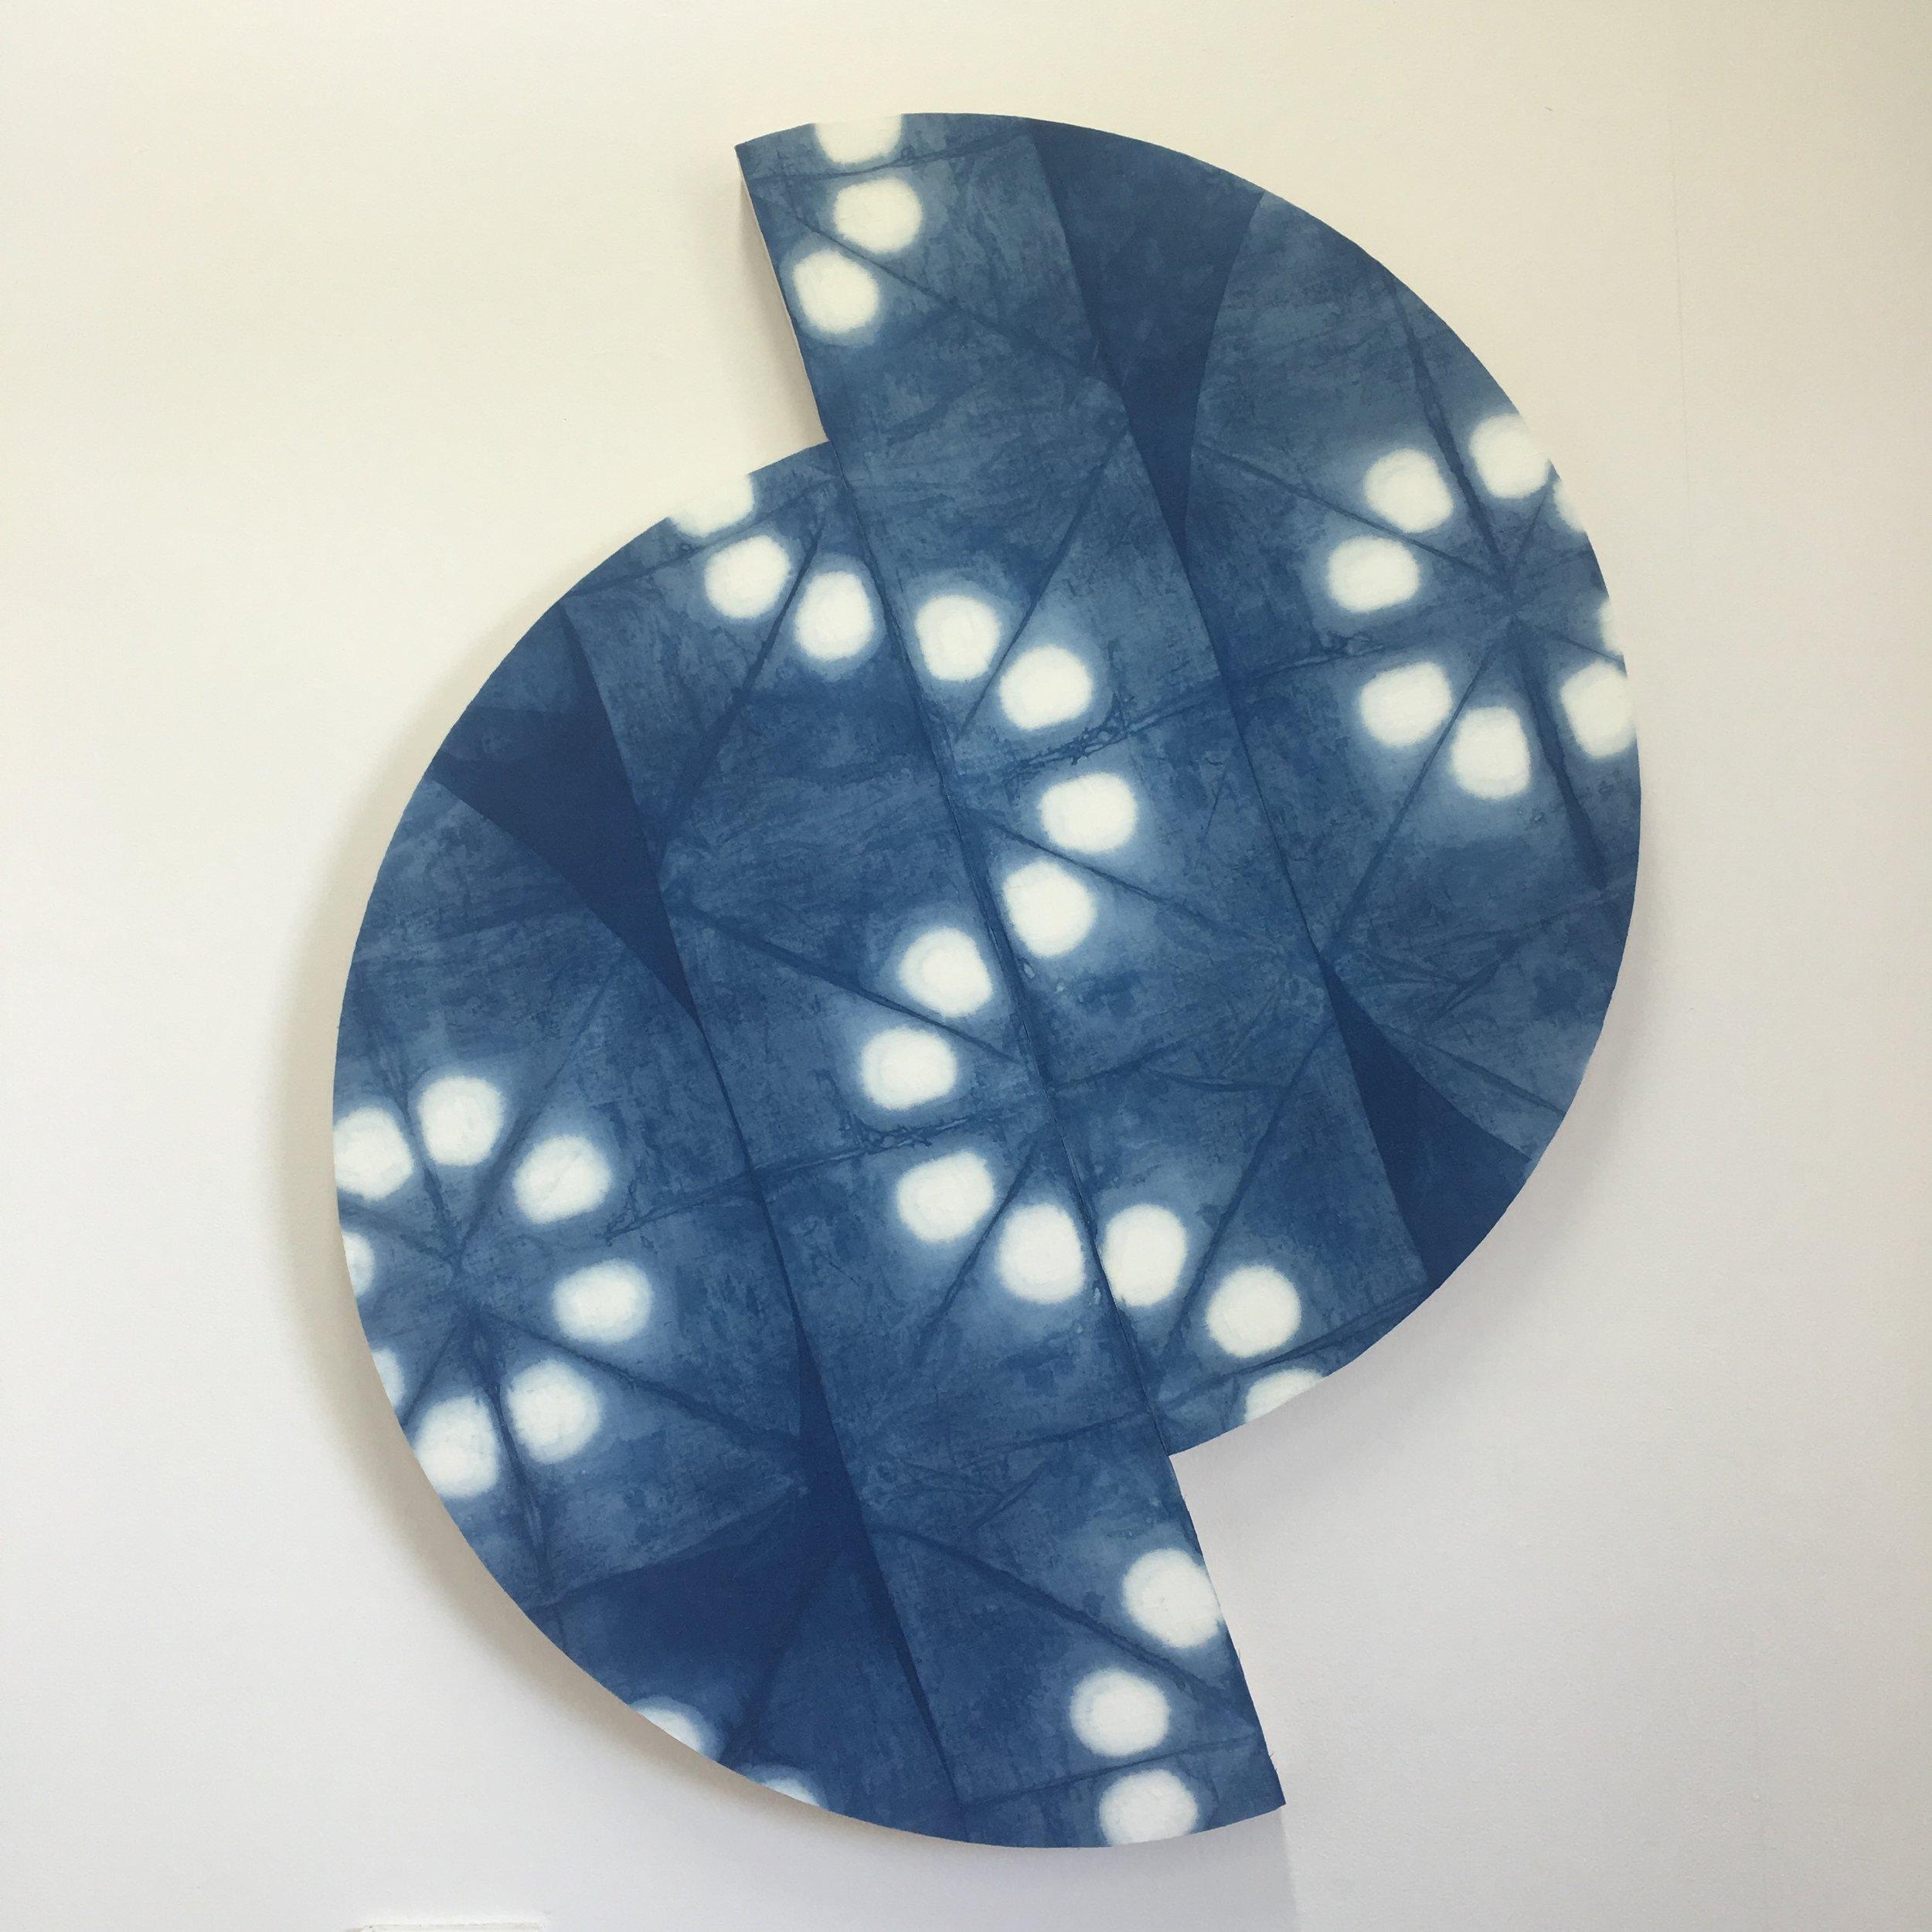 Indigo folding space split    Indigo dyed cotton/linen mounted on layered plywood,2 pieces: 475 x 1150 x 40